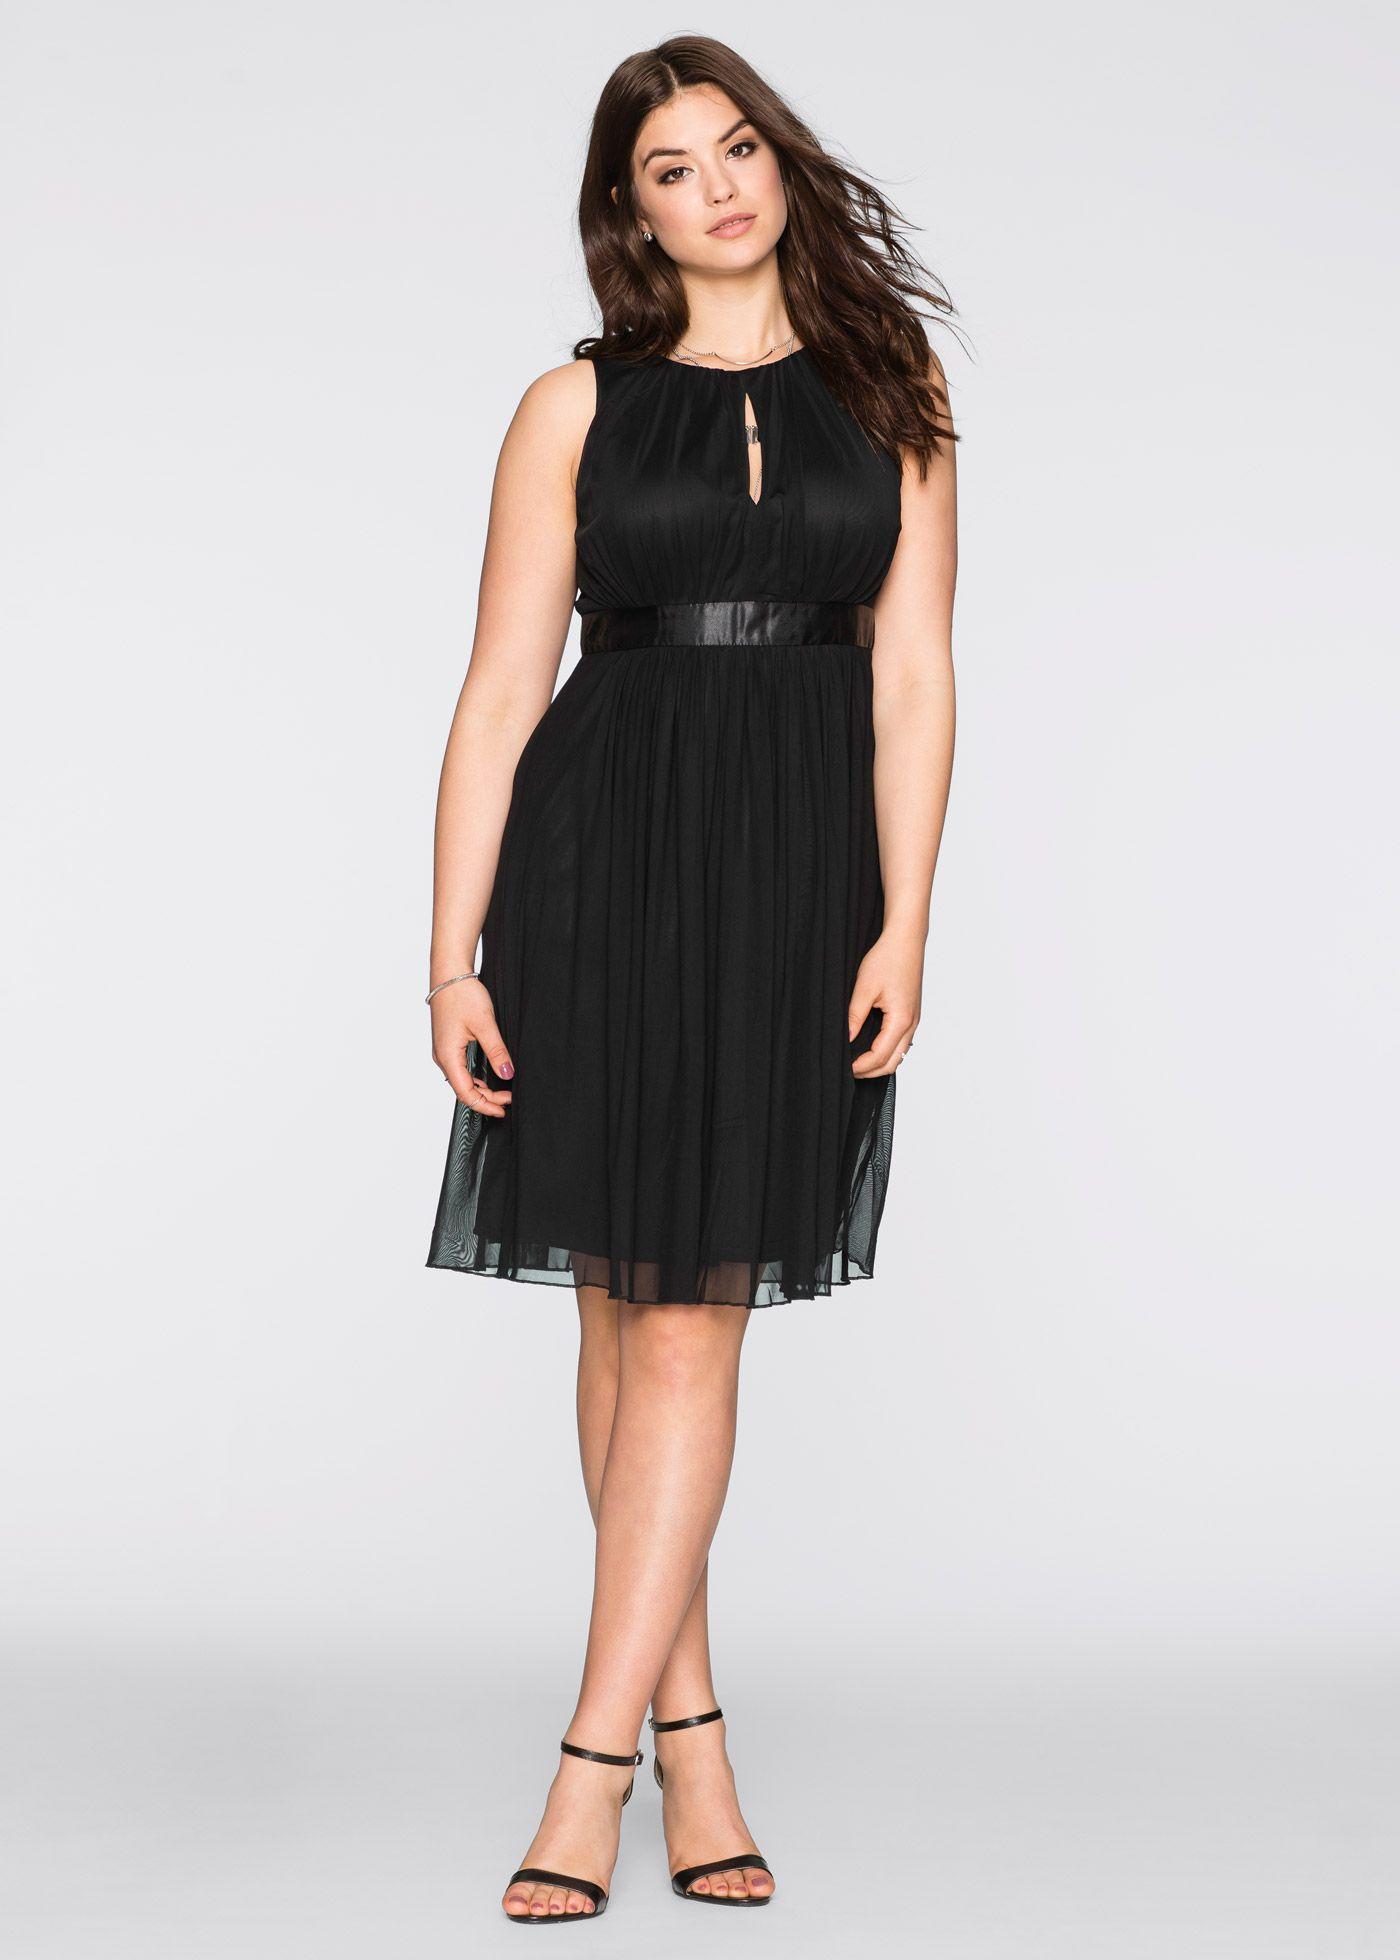 Kleid schwarz - BODYFLIRT jetzt im Online Shop von bonprix.de ab